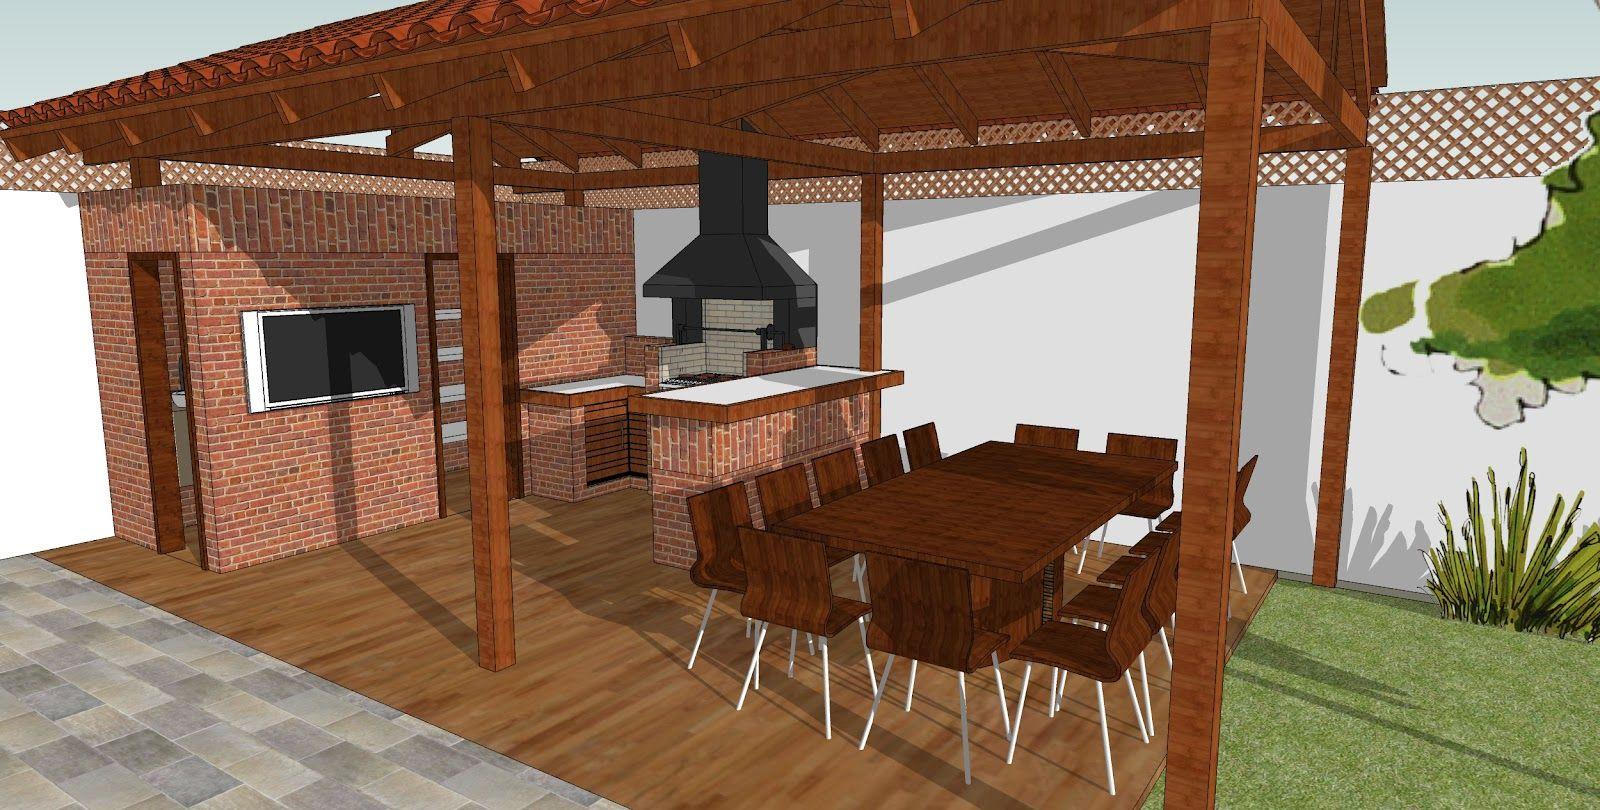 Dise os de asadores para terrazas buscar con google for Diseno de patios y terrazas